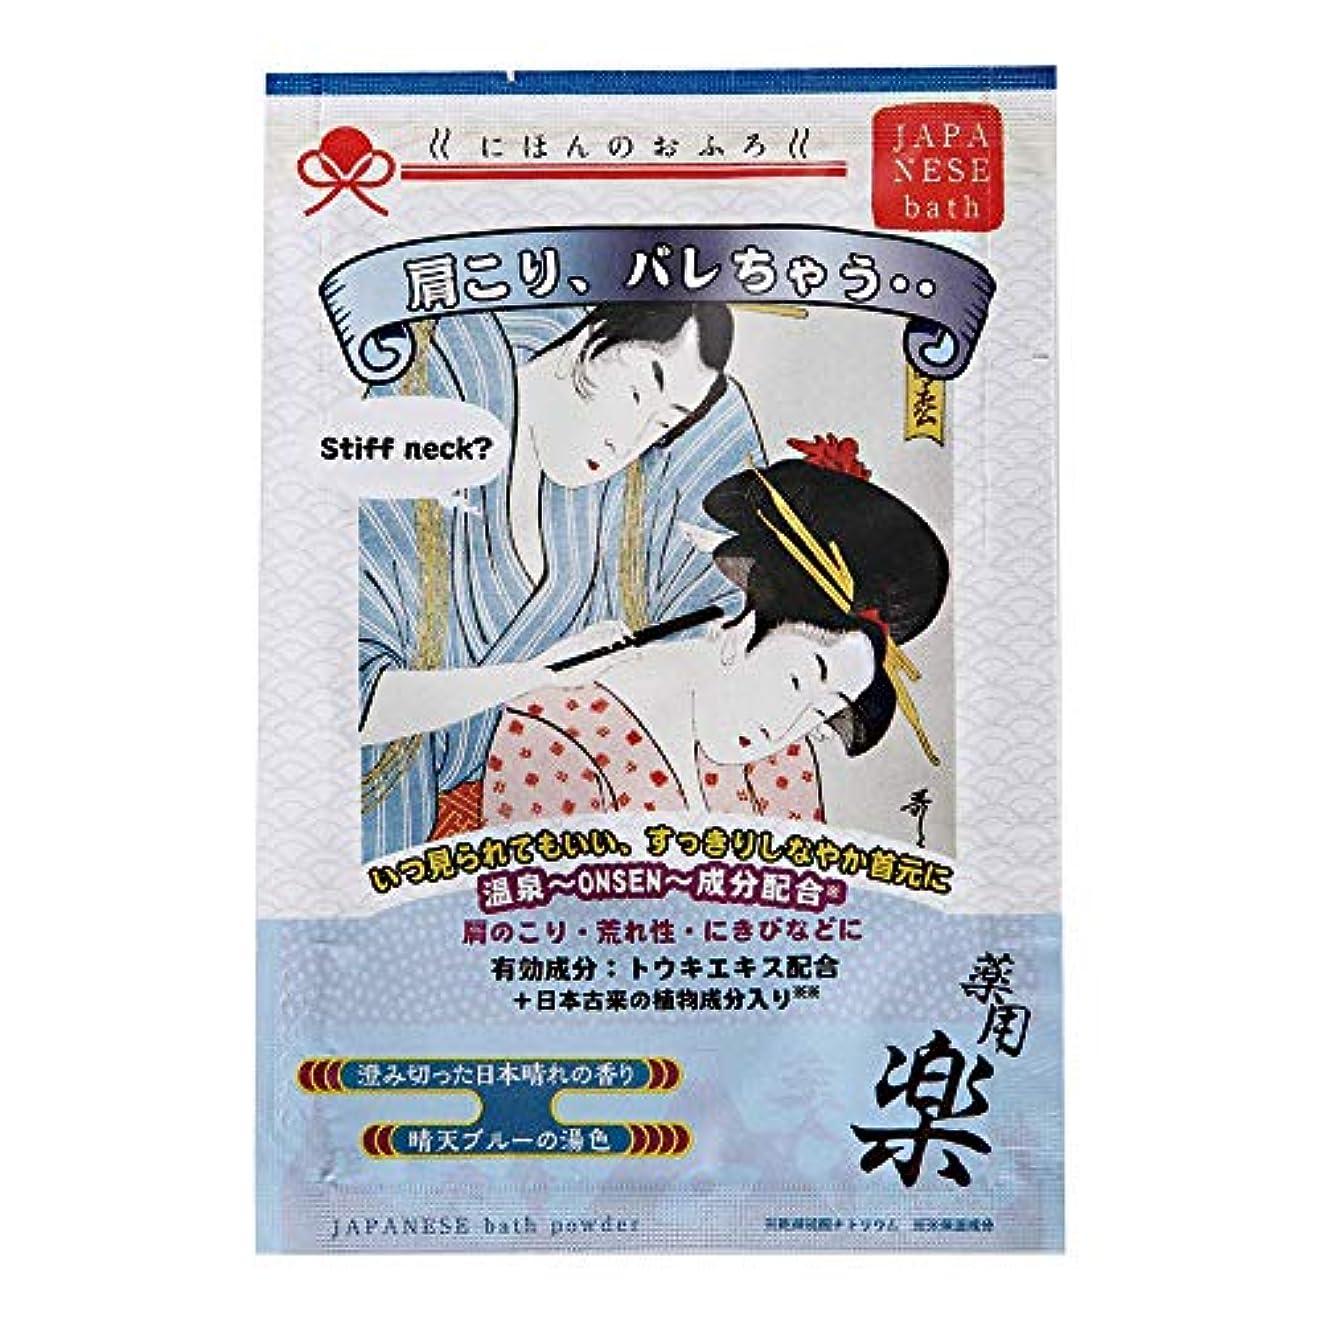 ブレスマート乞食にほんのおふろ 肩こり、バレちゃう?? 澄み切った日本晴れの香り 25g